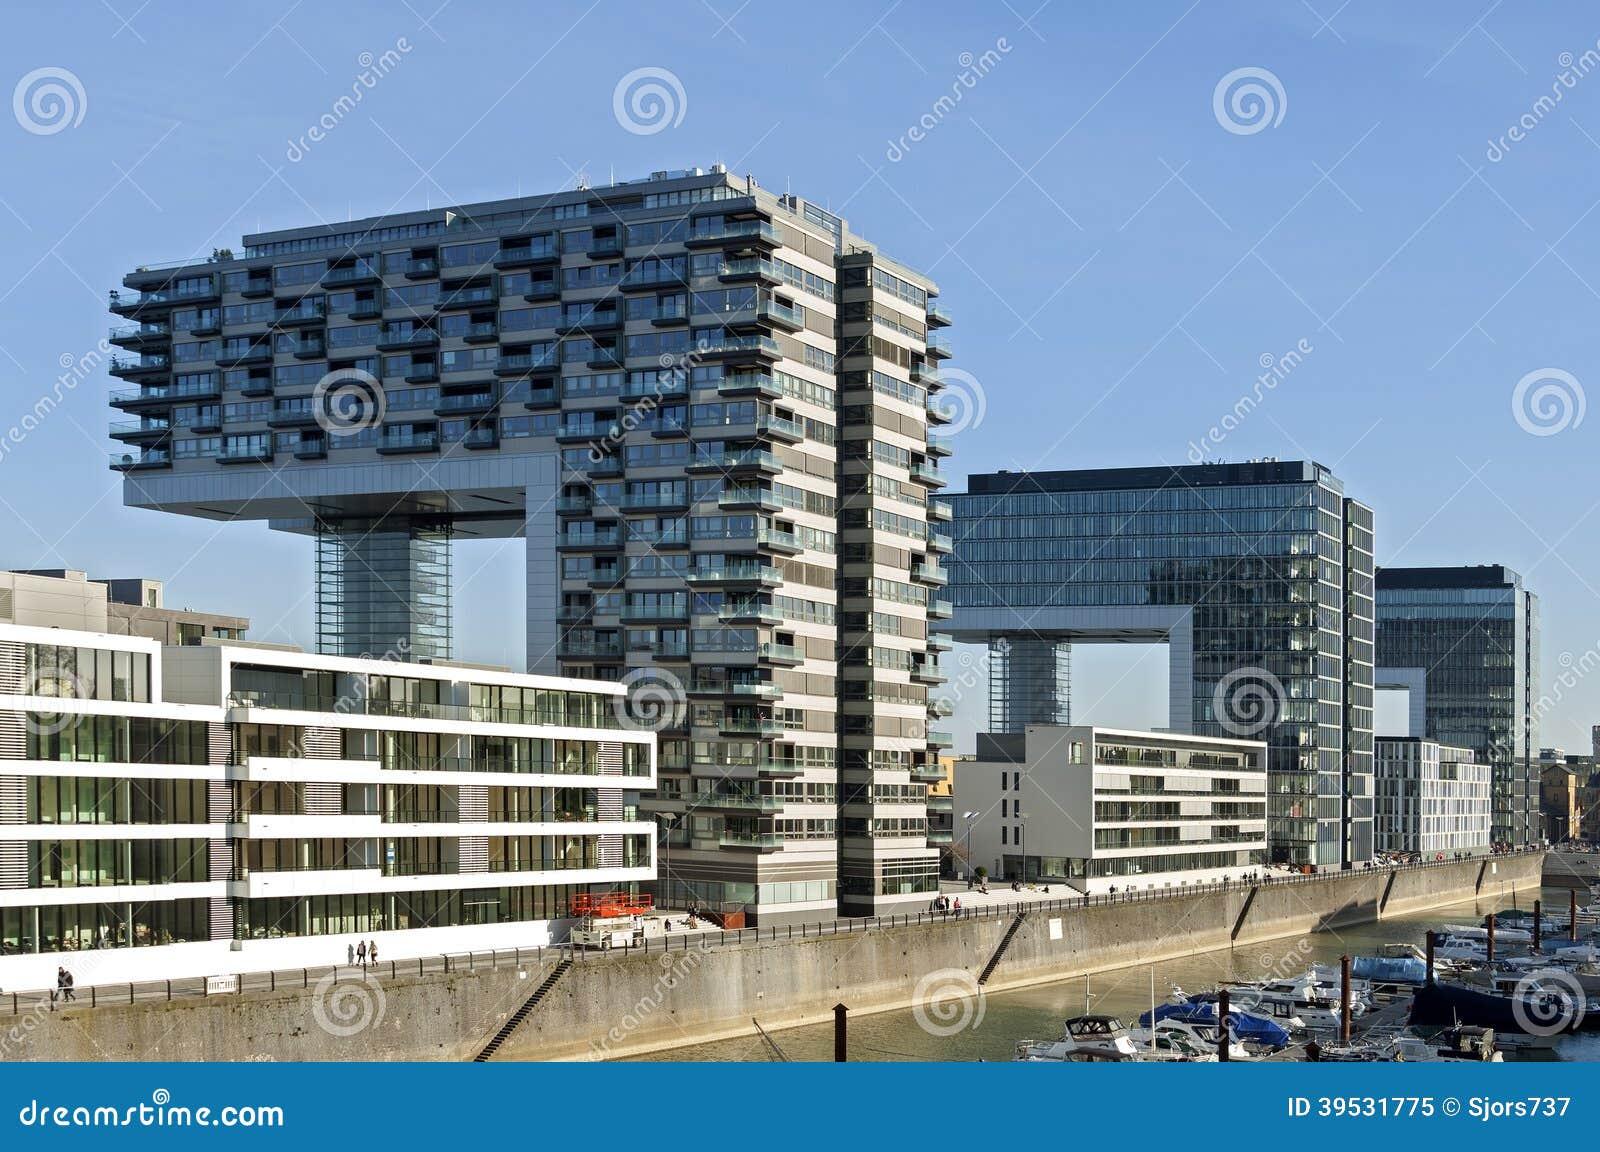 moderne architektur rhein skyline k ln redaktionelles bild bild 39531775. Black Bedroom Furniture Sets. Home Design Ideas